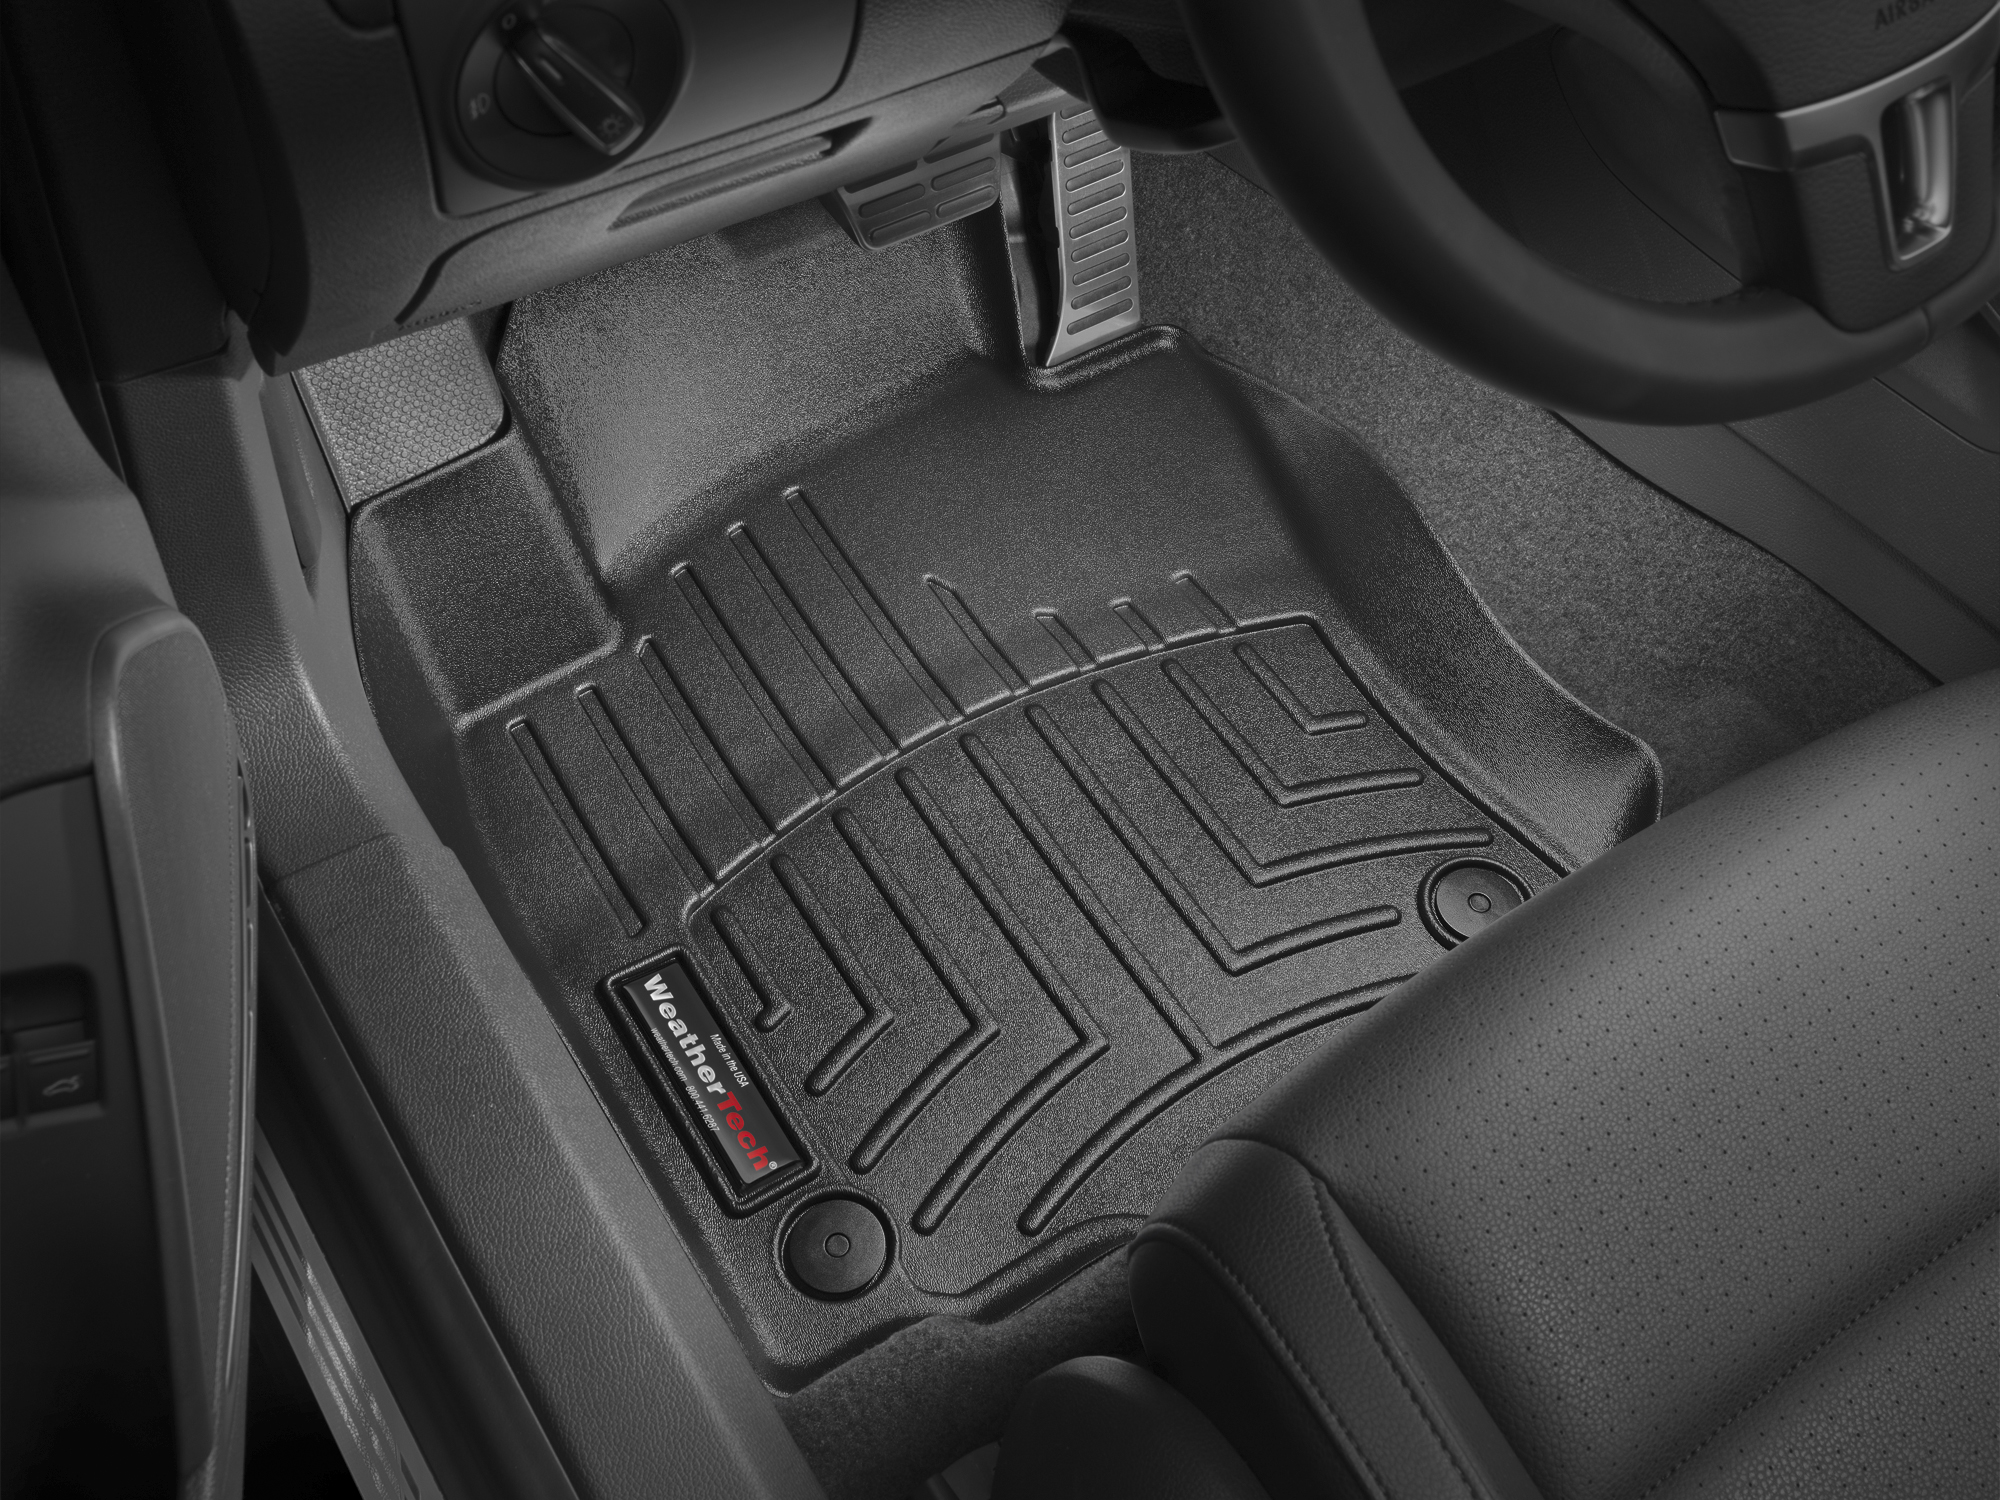 Tappeti gomma su misura bordo alto Volkswagen Golf GT 05>09 Nero A4079*